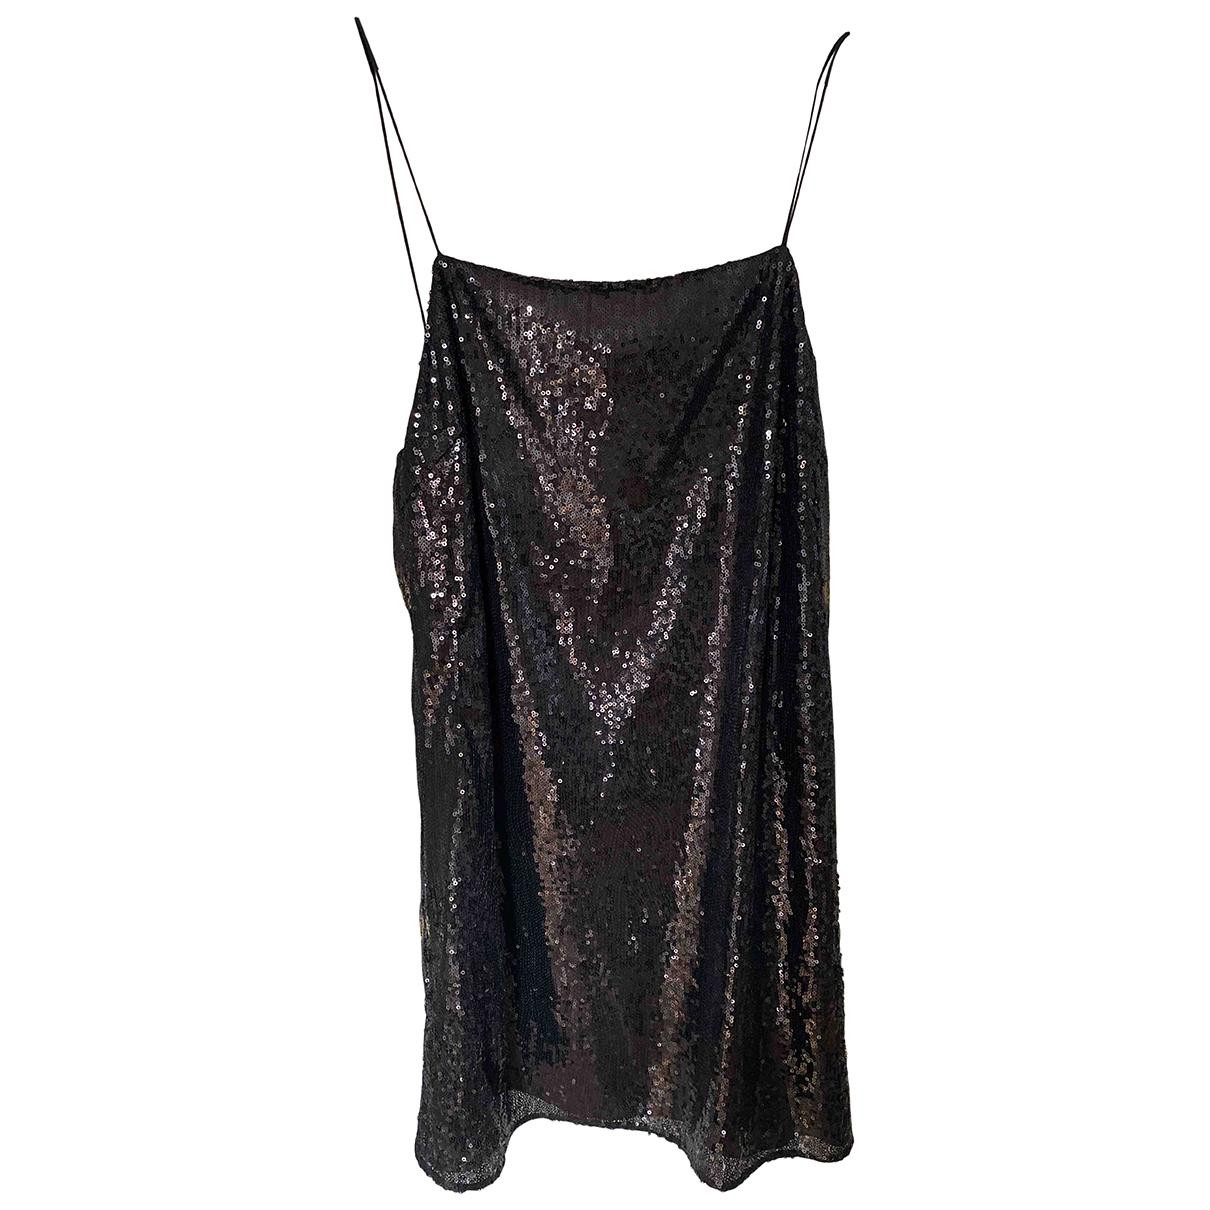 Saint Laurent \N Black Glitter dress for Women 36 FR